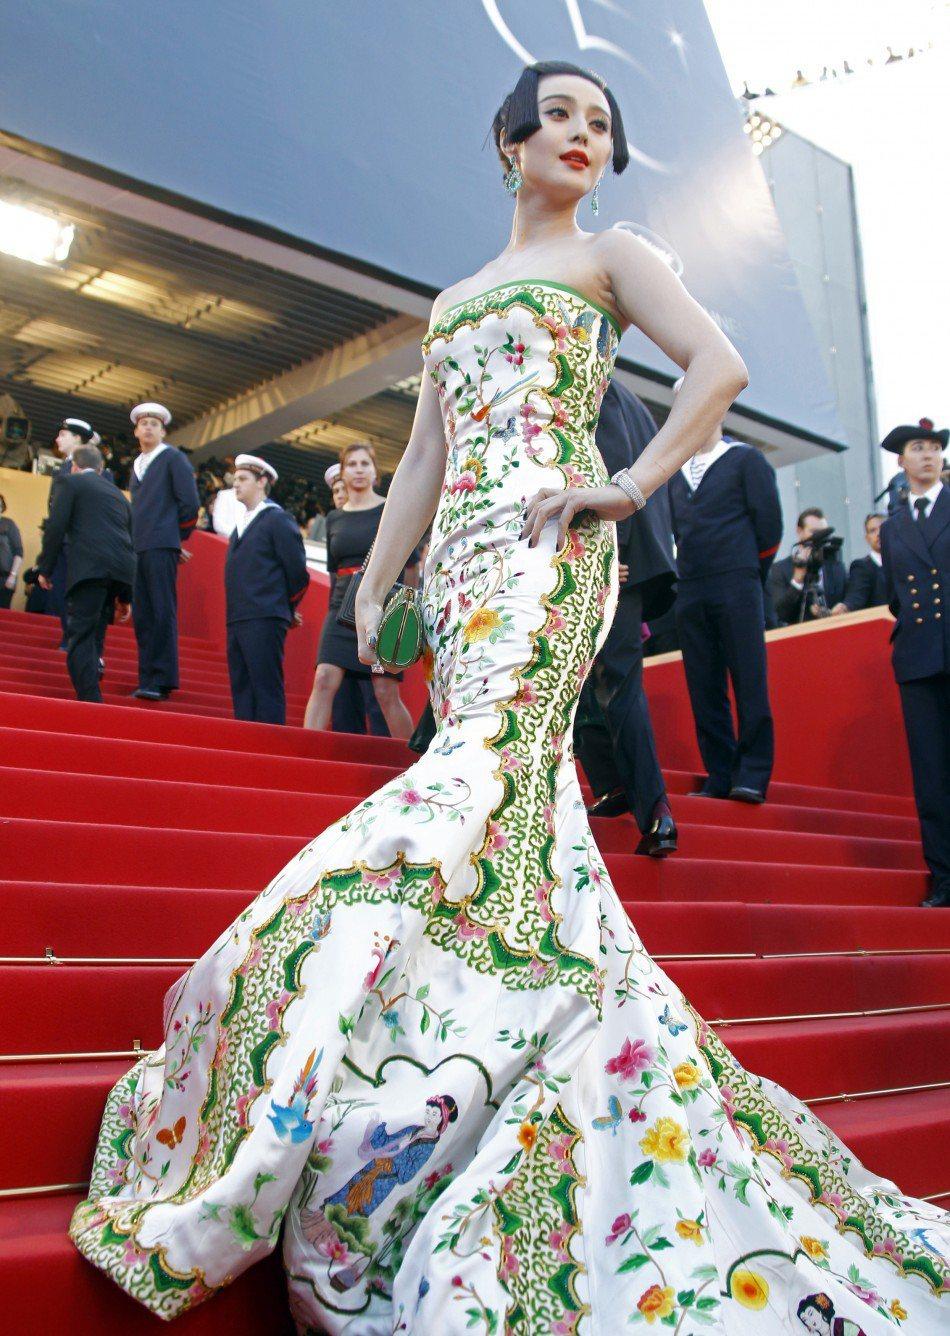 2012年,范冰冰在坎城紅毯上穿卜柯文設計的「瓷器」裝,這件靈感來自清朝瓷器的禮...